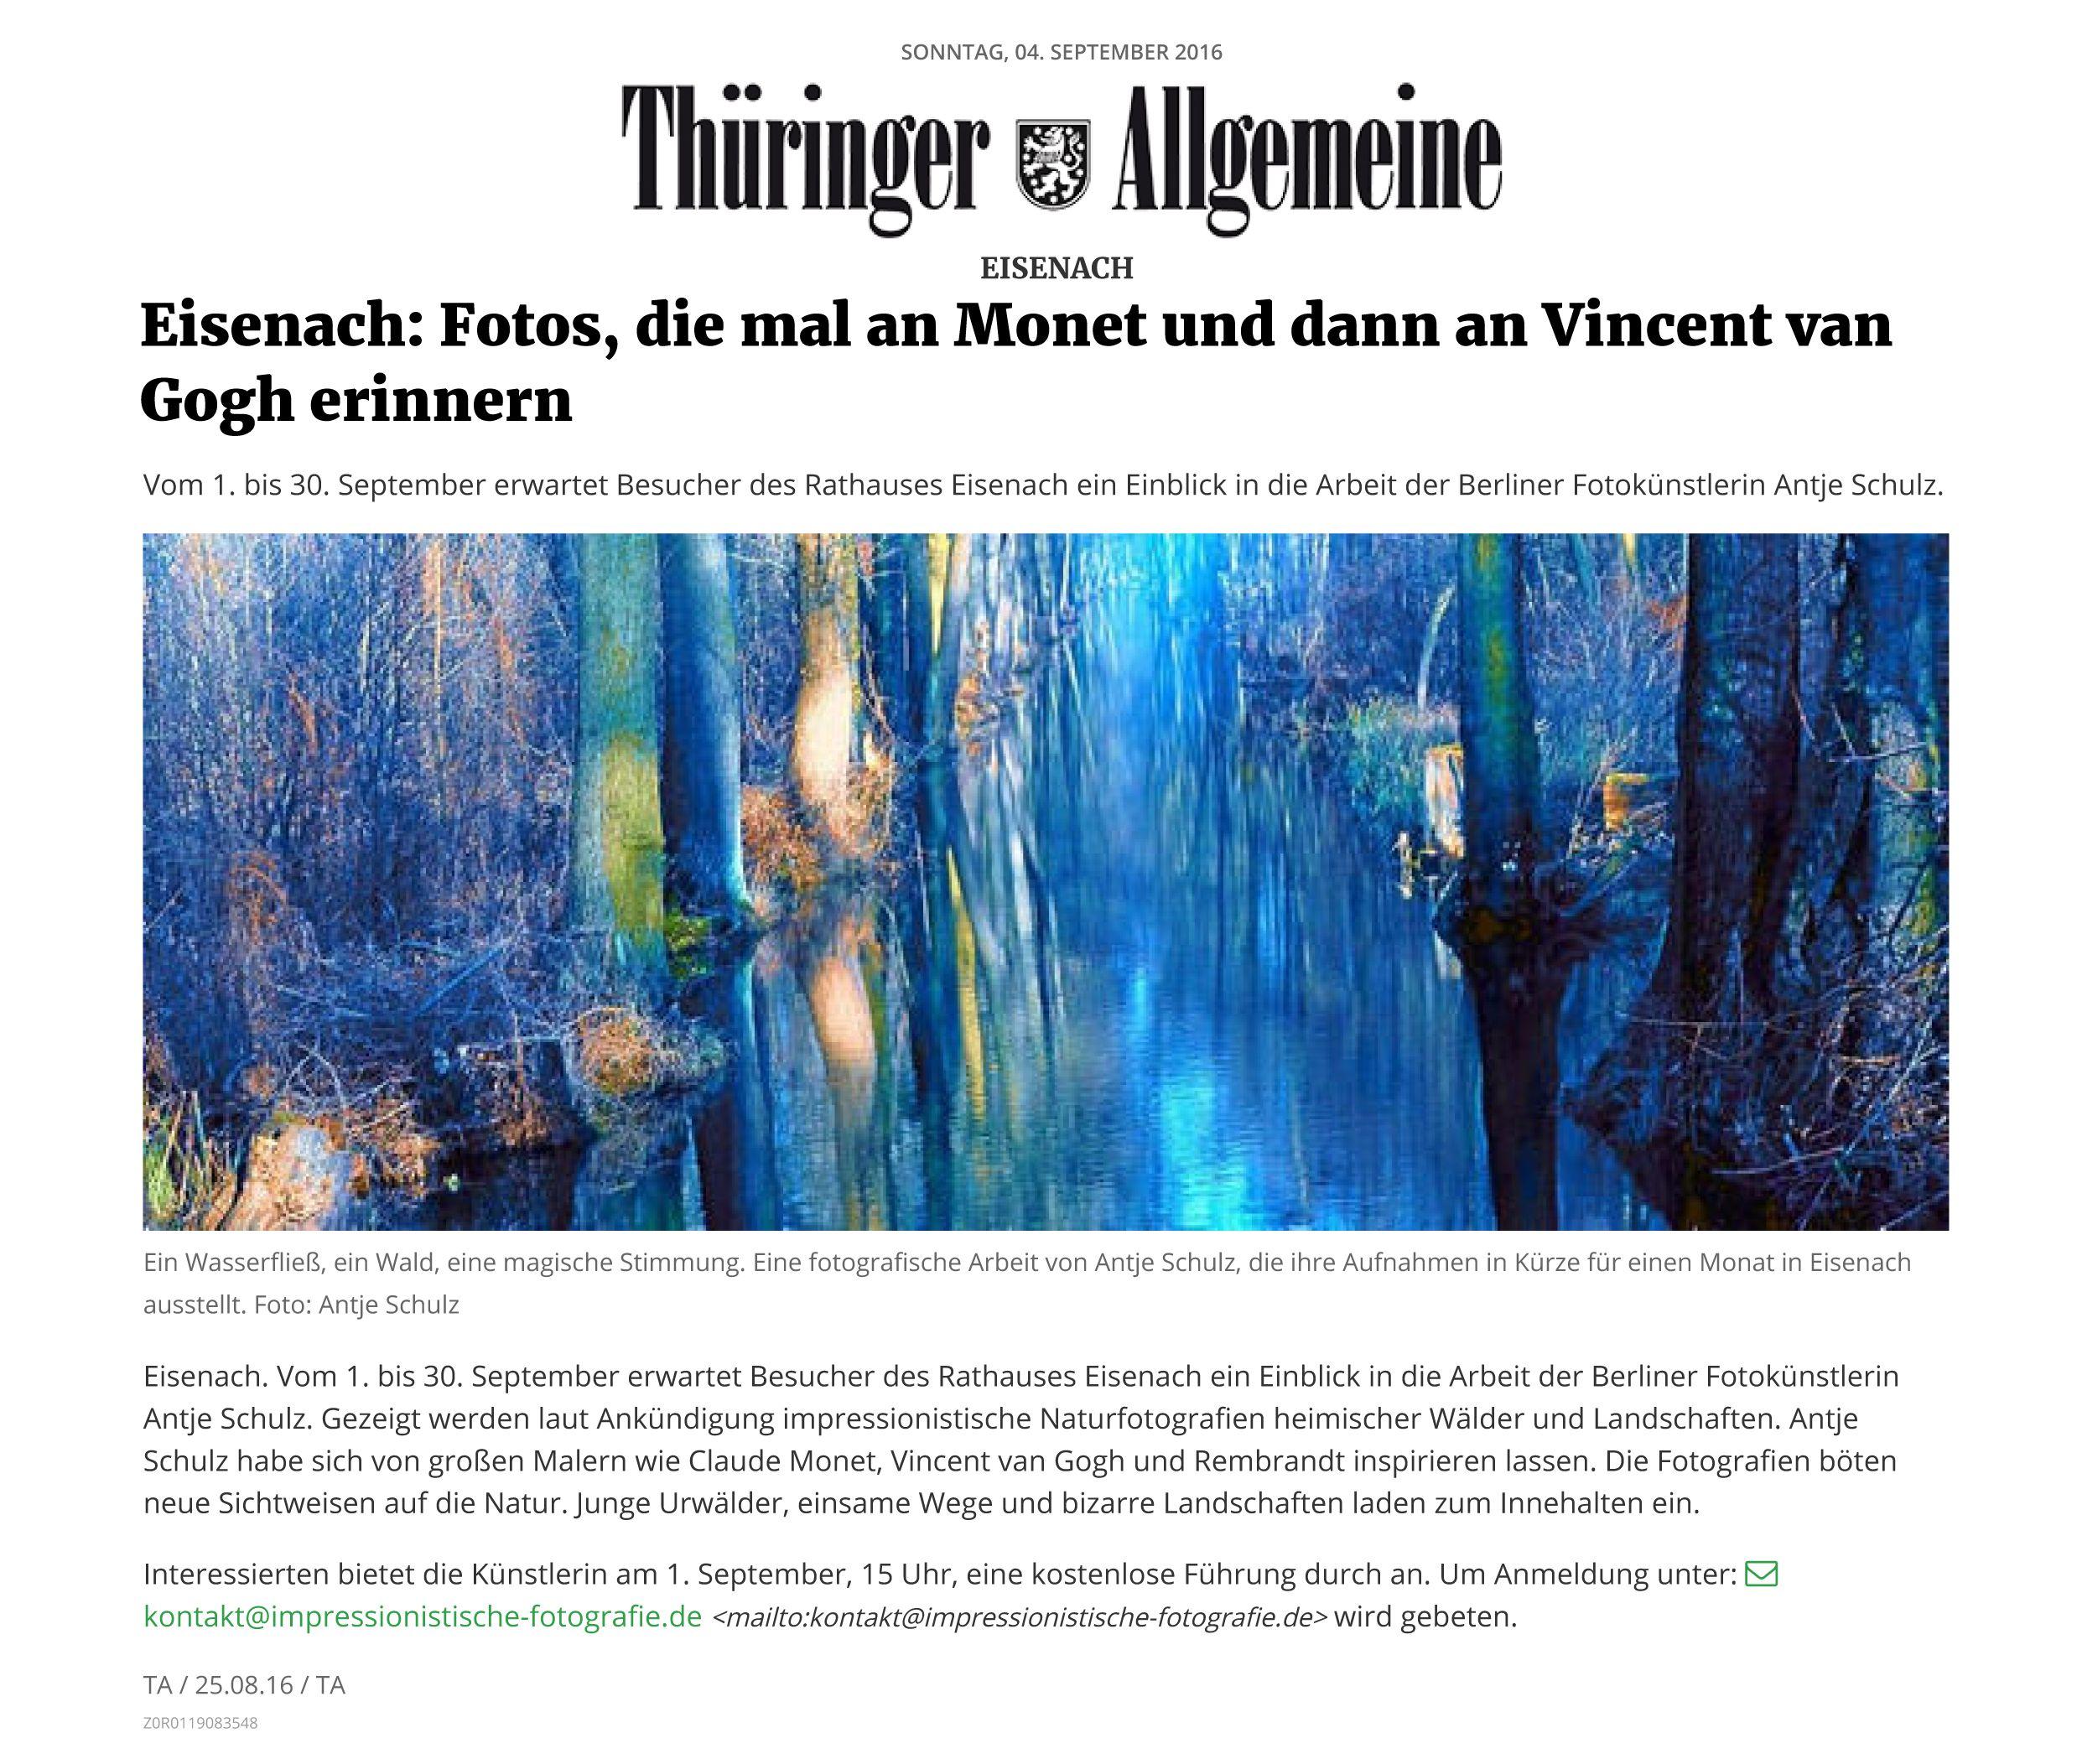 Thueringer_Allgemeine